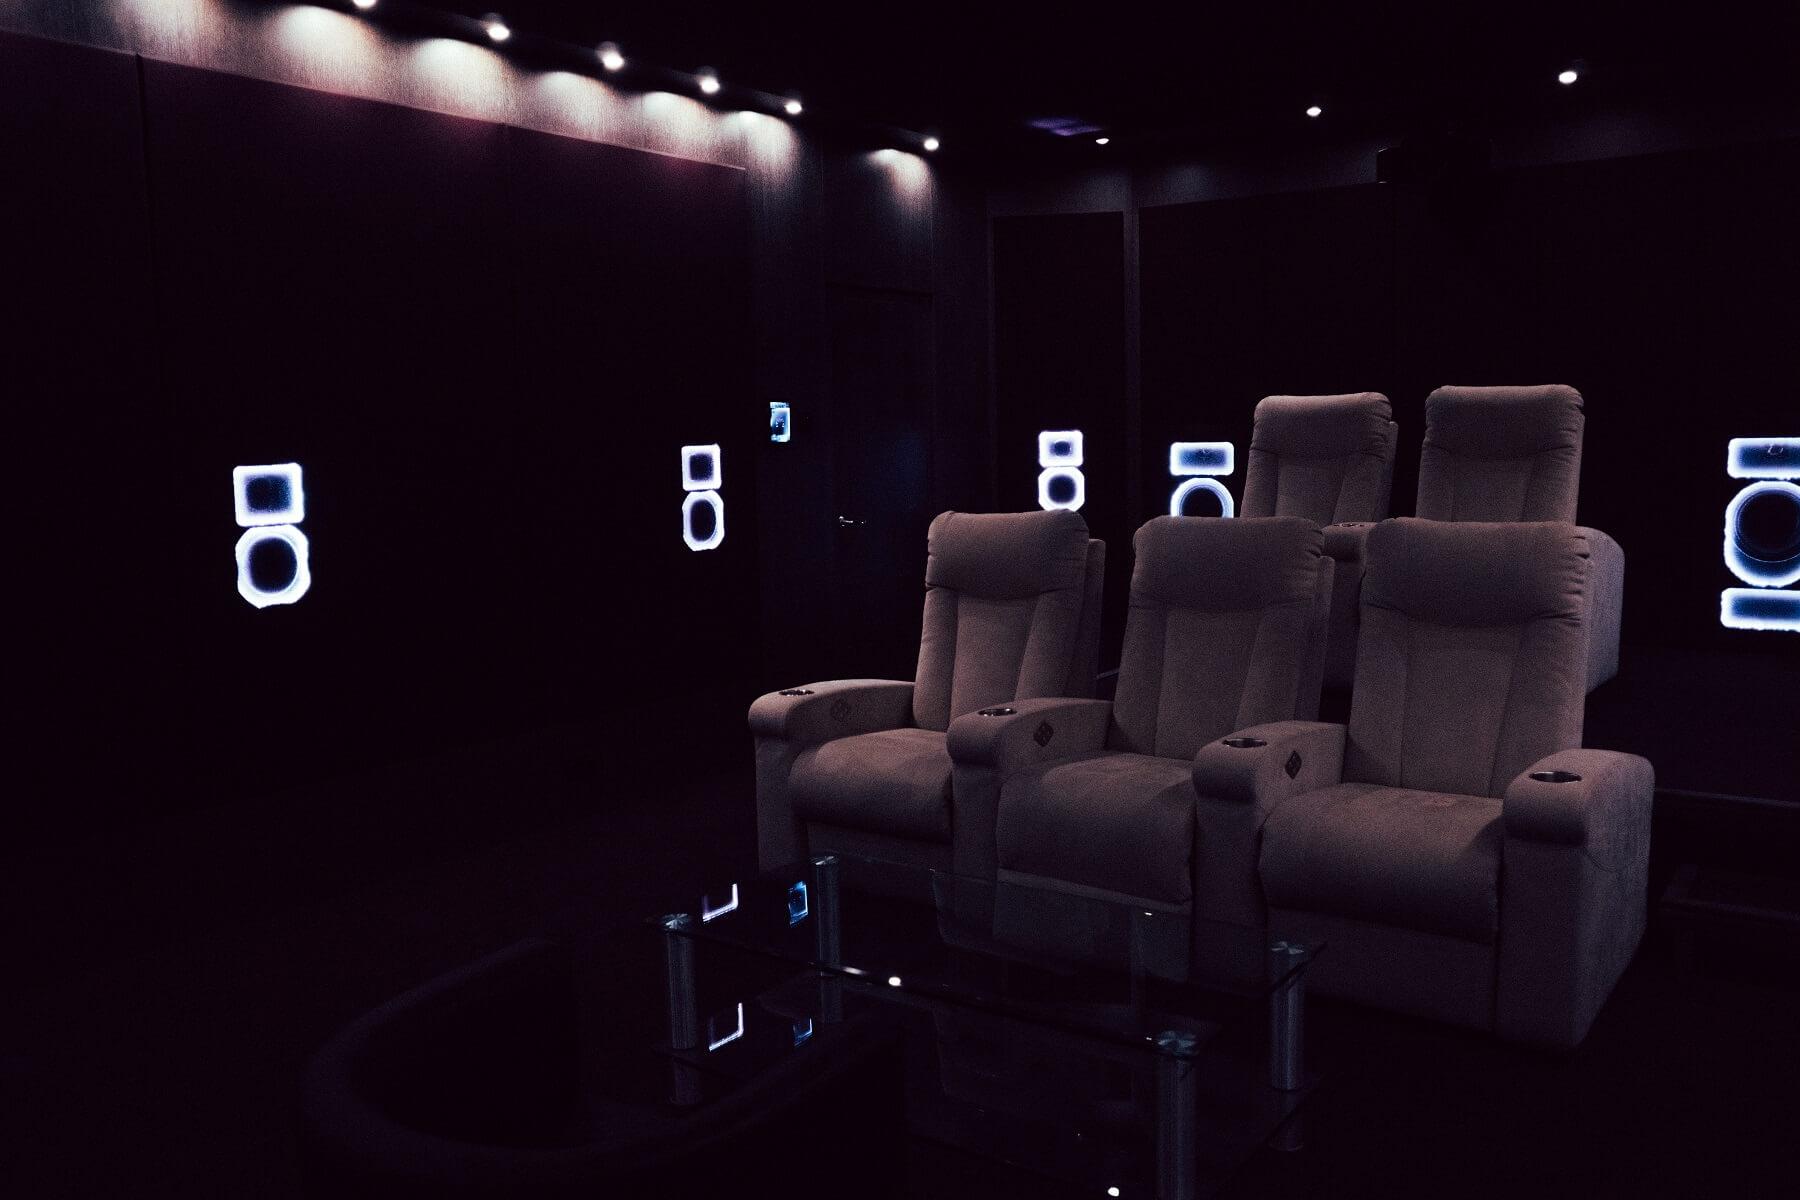 Смотрим фильмы дома: 10 материалов о строительстве домашнего кинотеатра и выборе оборудования - 2